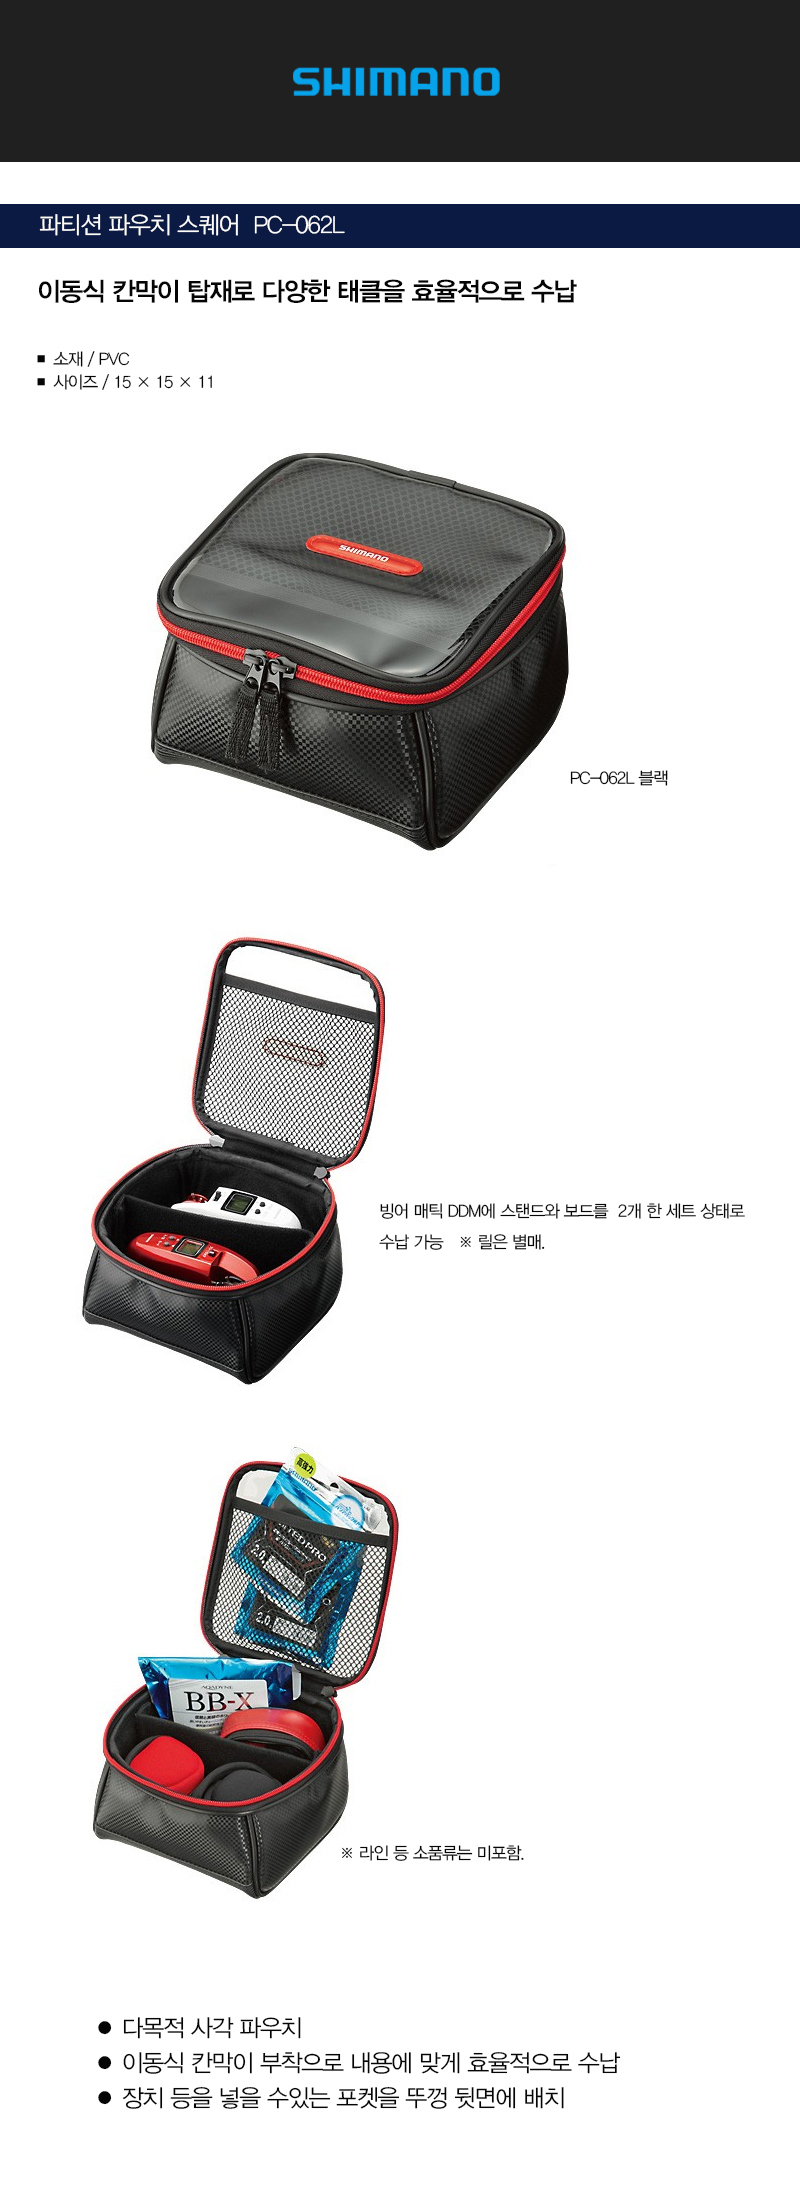 시마노 파티션 파우치 PC-062L 소품가방 소품케이스 보조가방 보조케이스가방 시마노가방 시마노